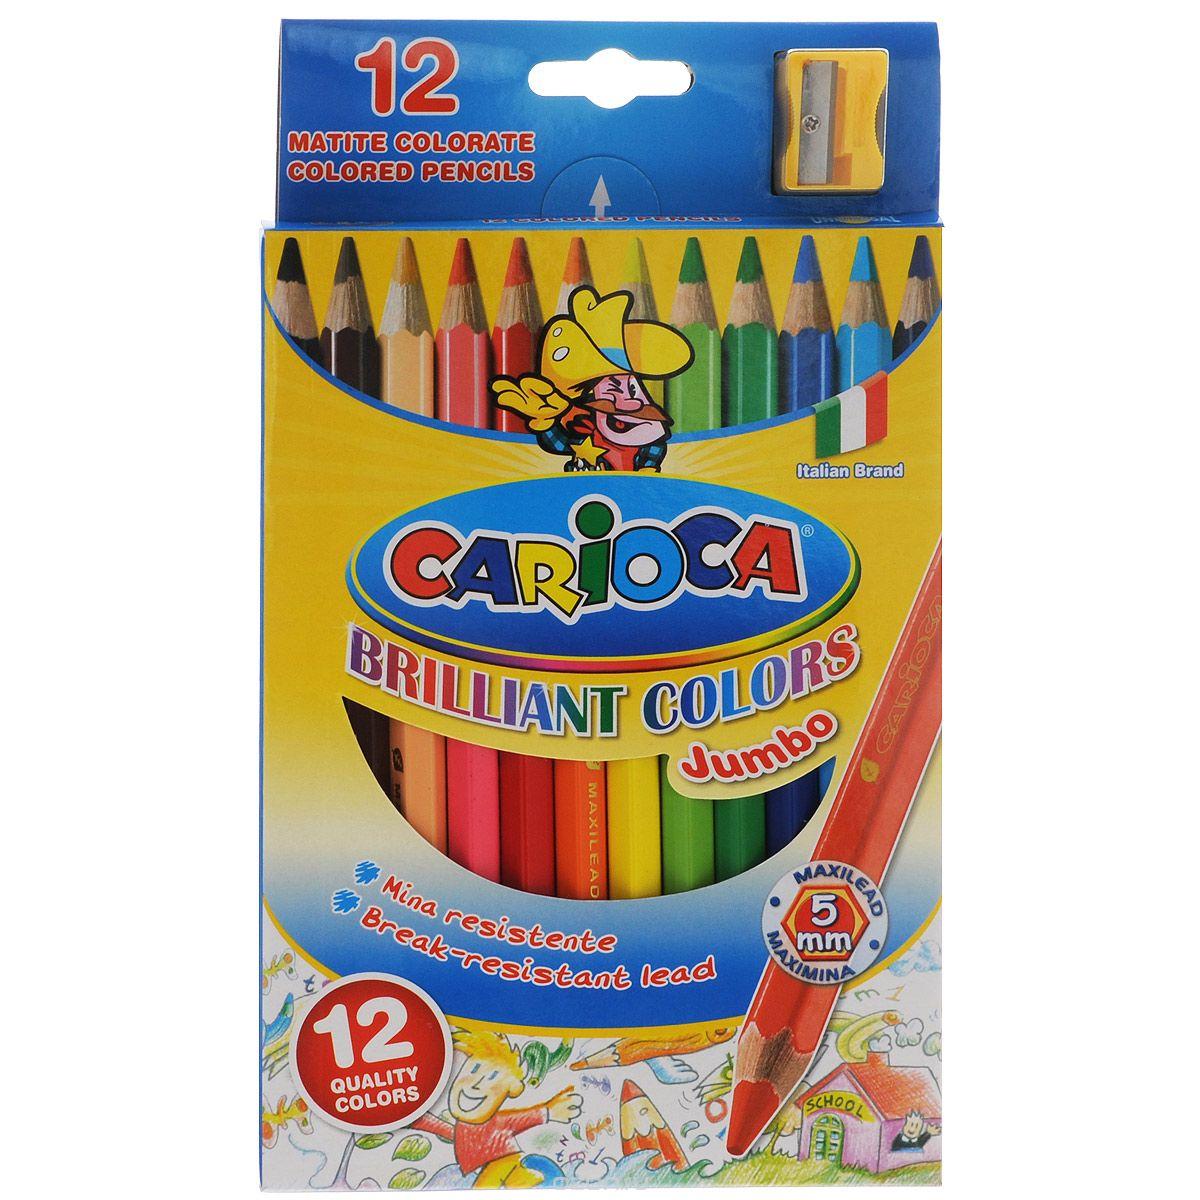 Набор цветных карандашей Carioca Jumbo с точилкой, 12 цветов41406/12Цветные карандаши Carioca Jumbo, непременно, понравятся вашему юному художнику. Набор включает в себя 12 ярких насыщенных цветных карандашей, которые идеально подходят для малышей. Карандаши выполнены в утолщенном деревянном корпусе и с толстым мягким грифелем. В набор также входит точилка. Порадуйте своего ребенка таким восхитительным подарком!